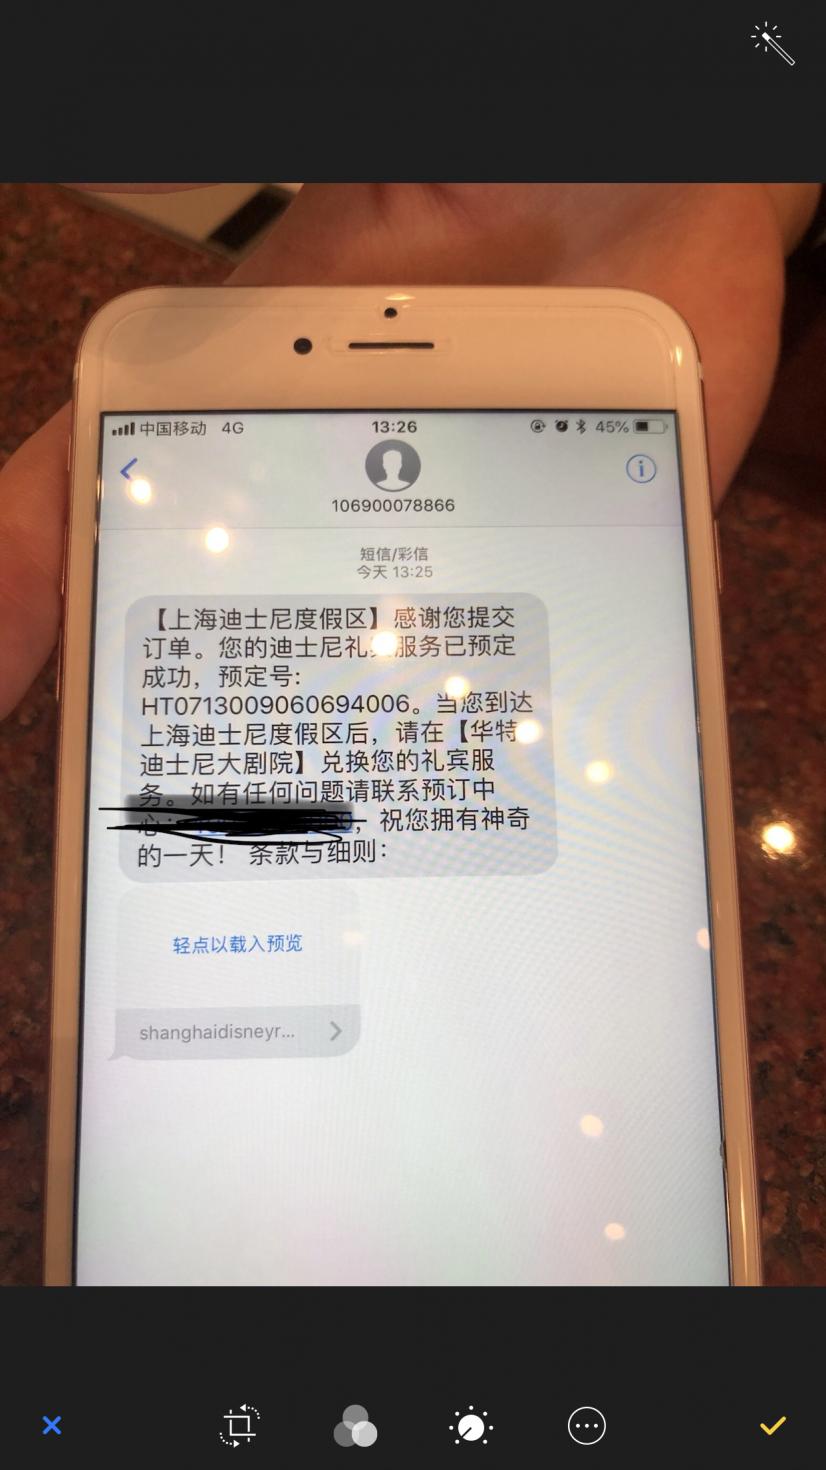 中国で使える電話番号がないと言ったところ、別の電話でSMSを受け取ってくれて、これを撮って!と言われました。これを窓口で見せる必要があります。グループ全員撮っとくことをお勧めします。